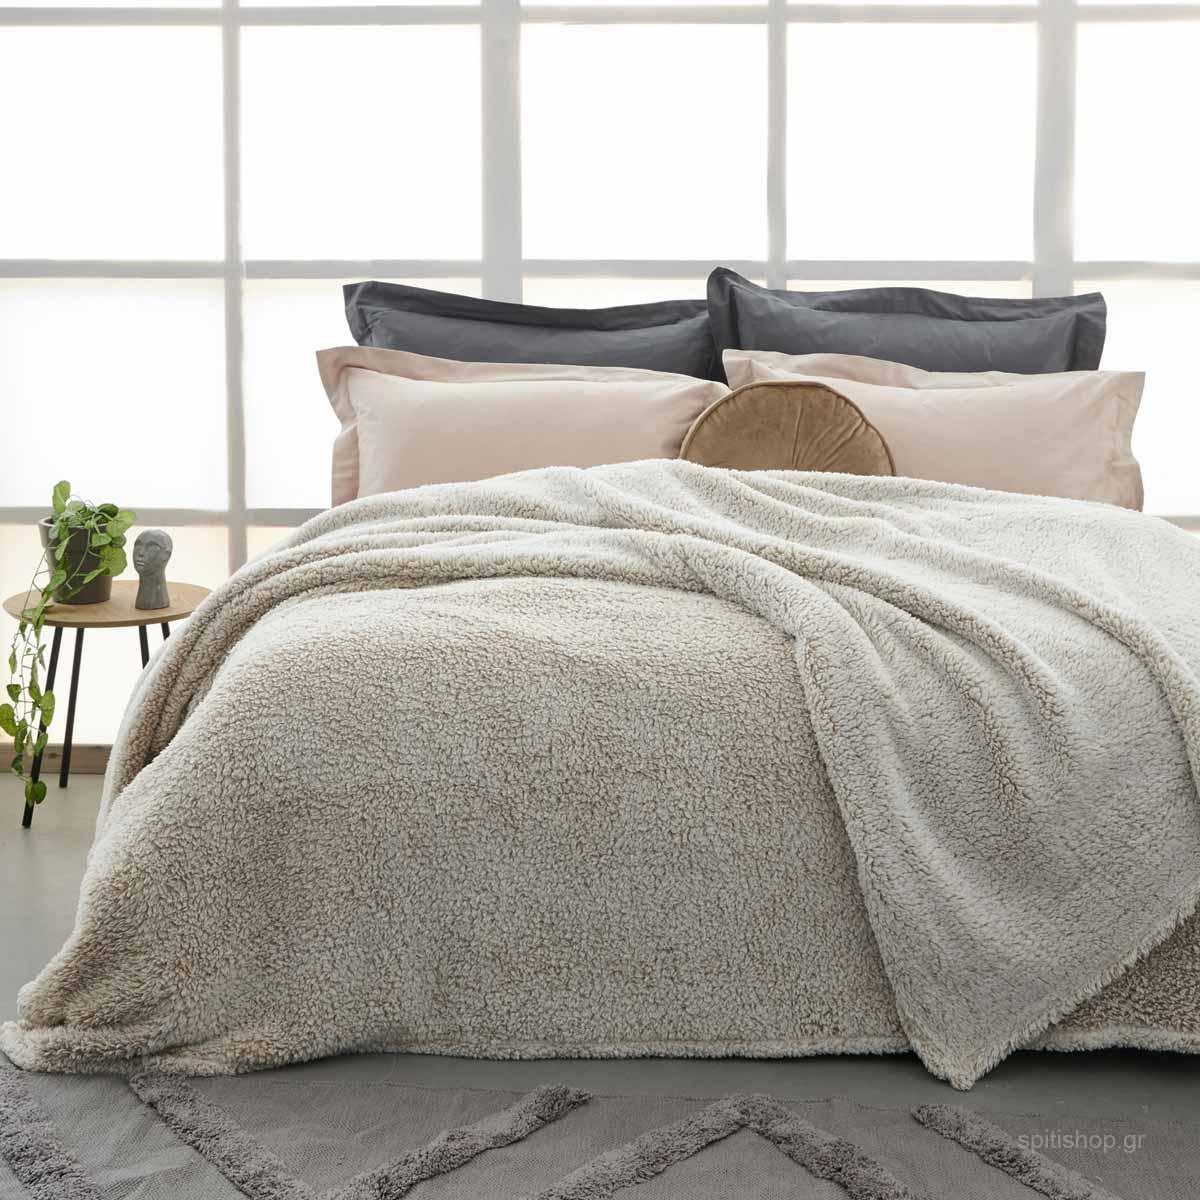 Κουβέρτα Fleece Υπέρδιπλη Palamaiki Sepia Moka